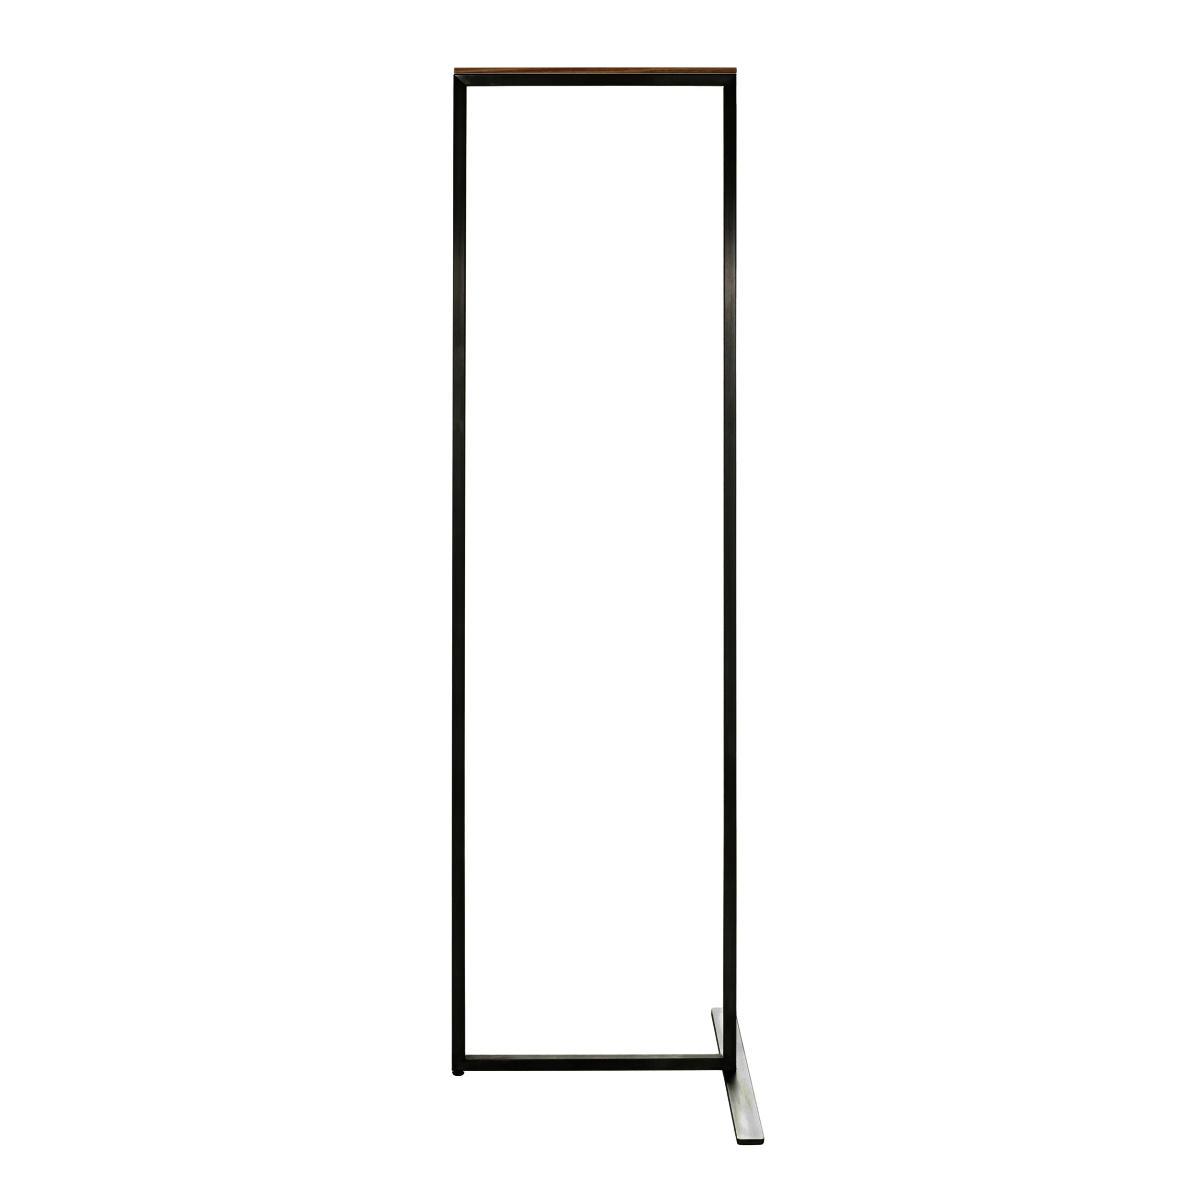 SKID Garderobenständer 45 cm, schieferschwarz mit Nussbaum Auflage